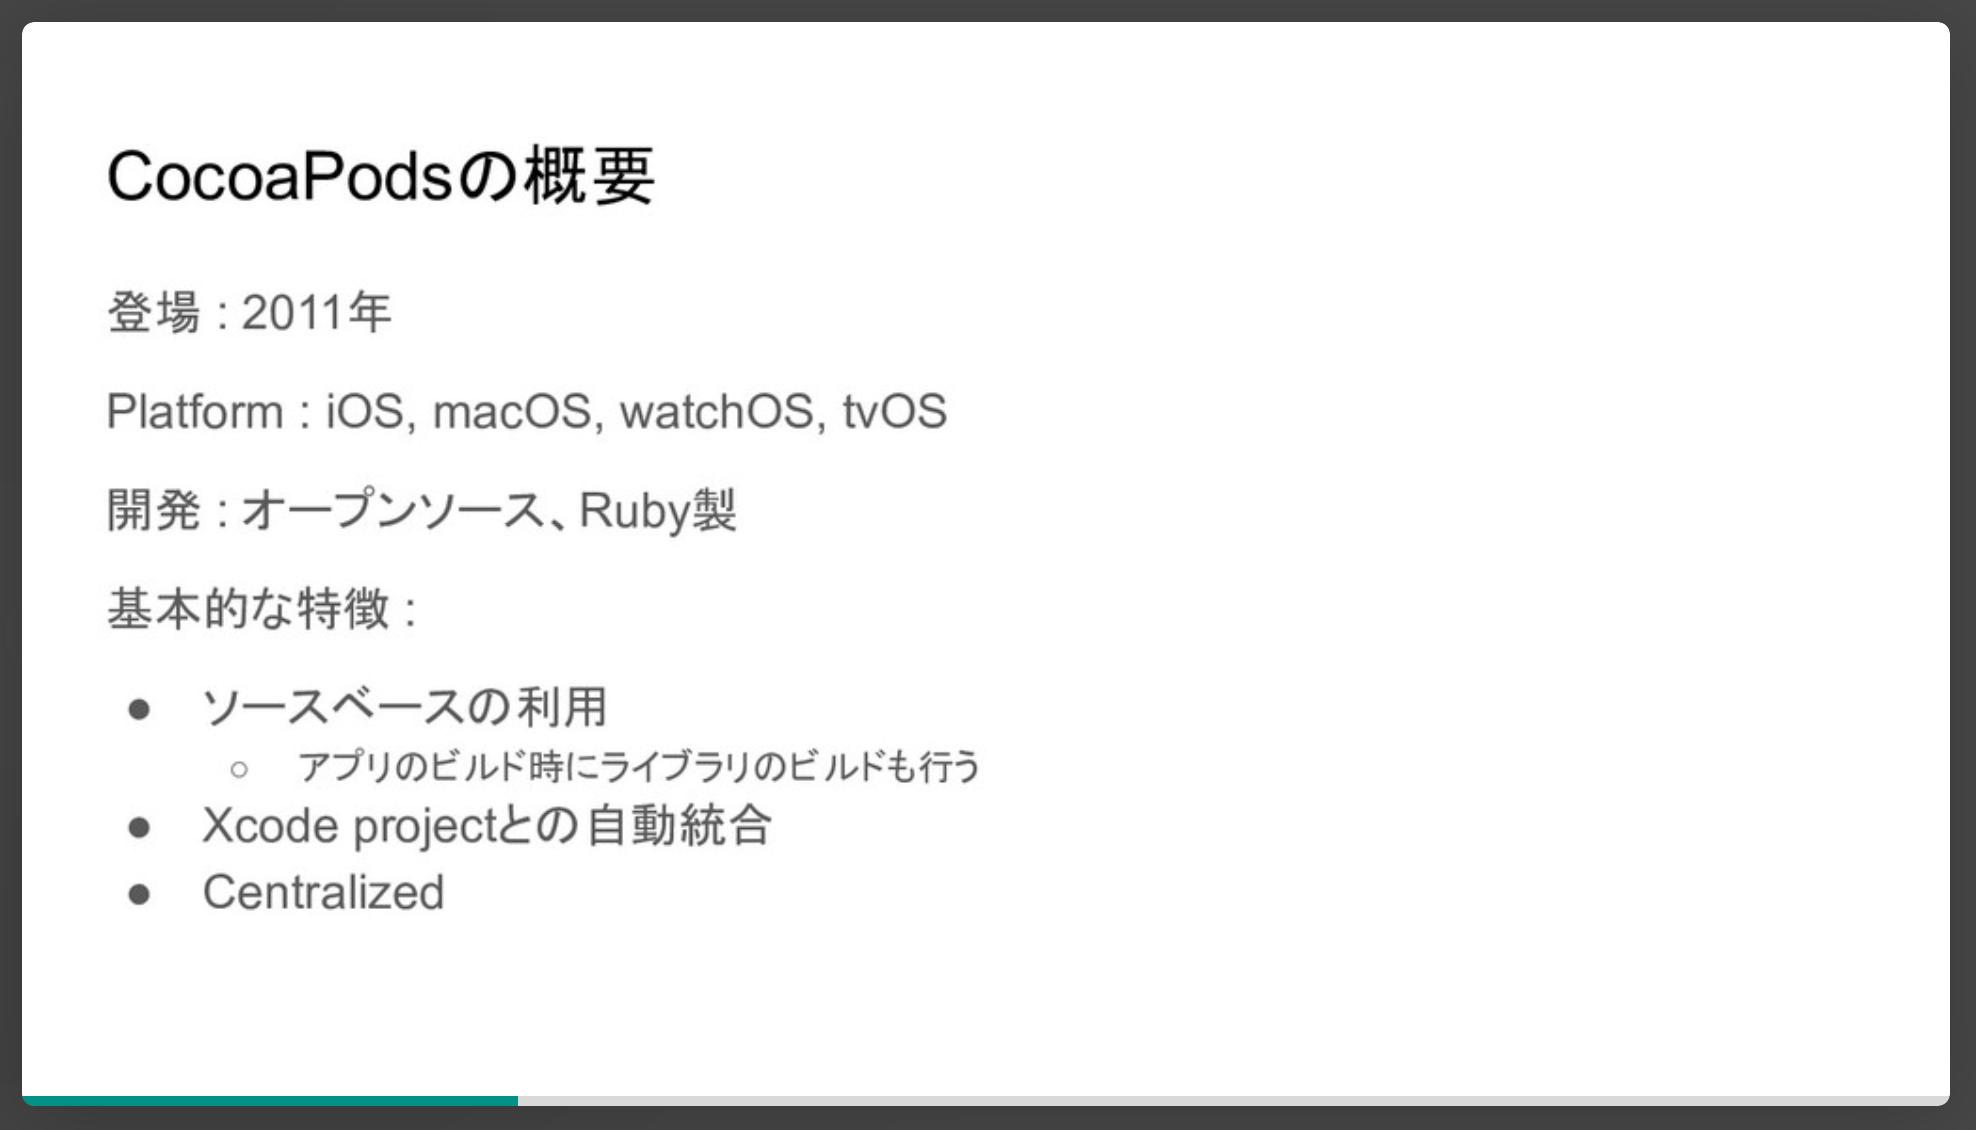 スクリーンショット 2021-09-18 10.24.05.png